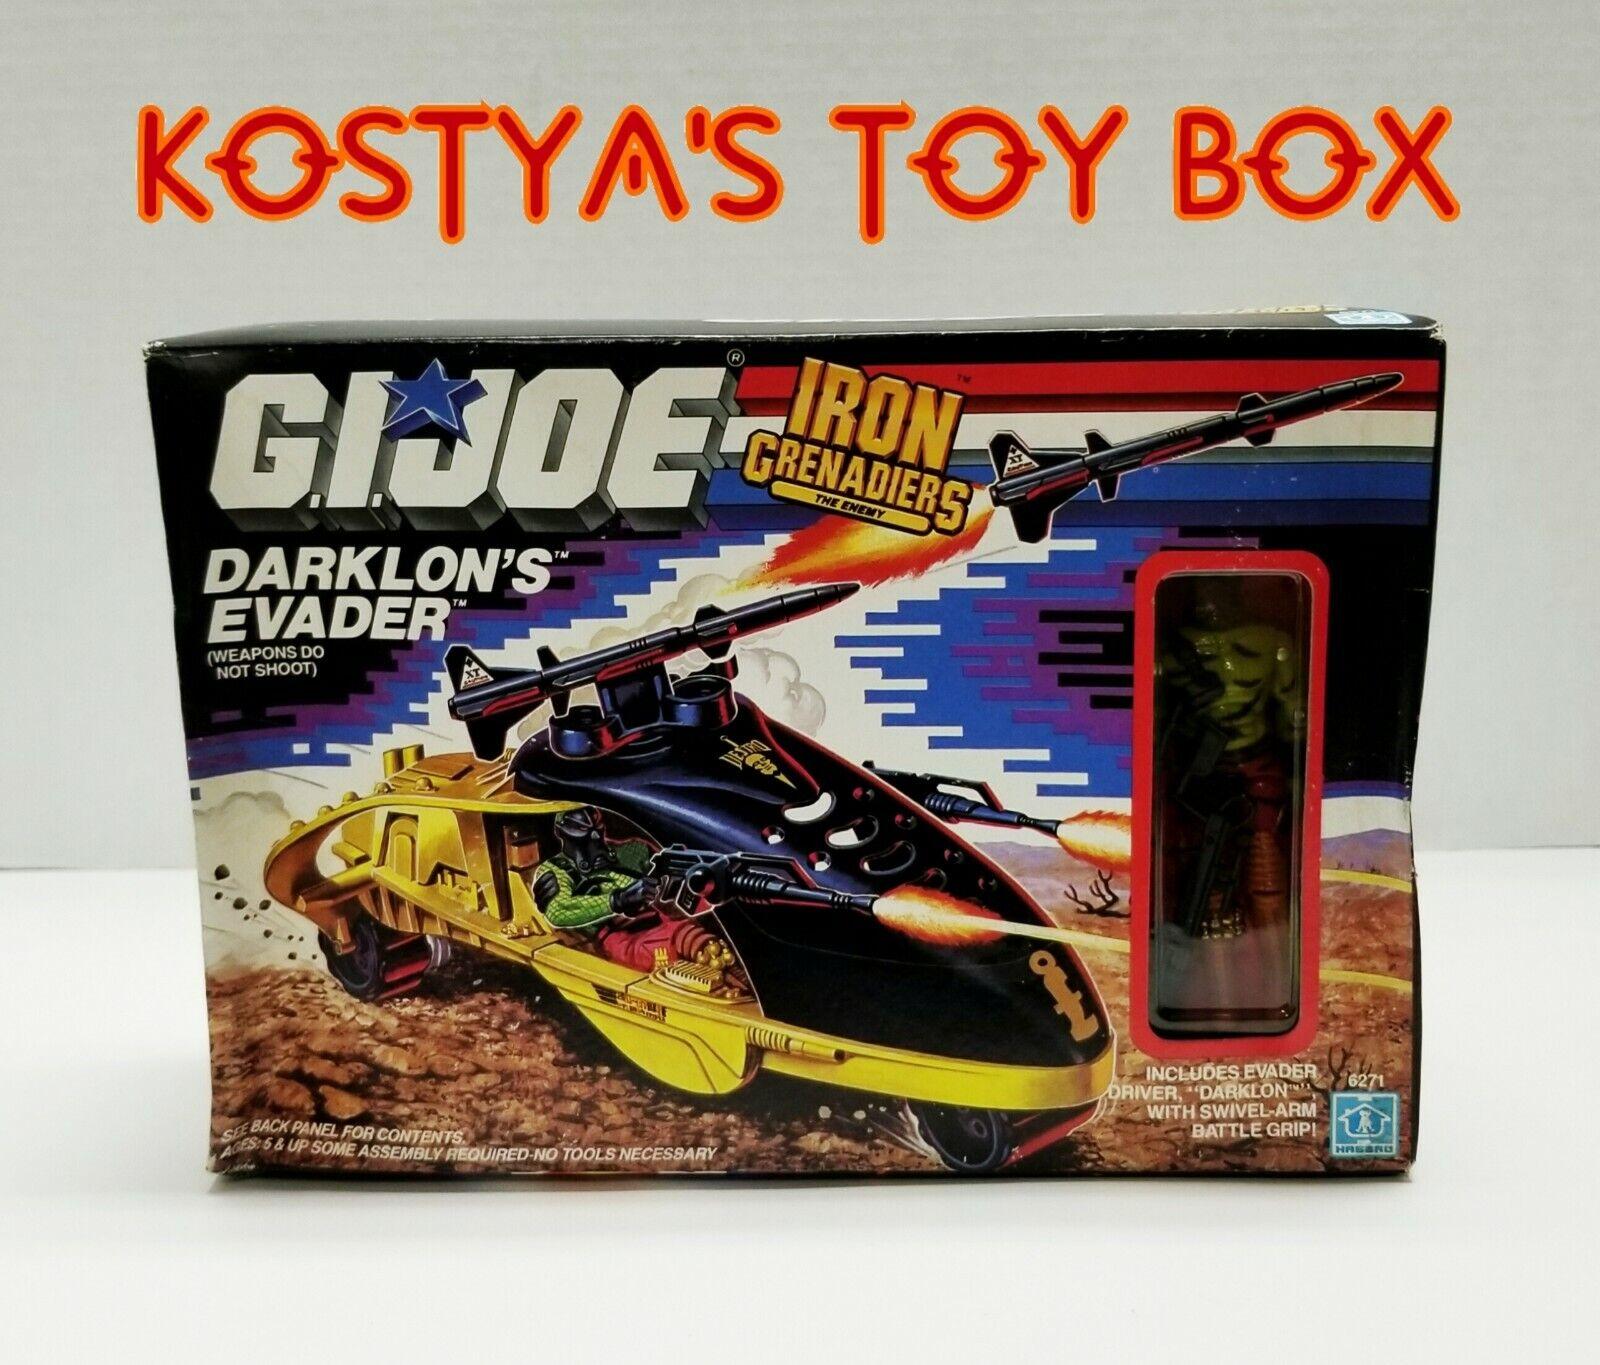 Gi joe Darklon 1989 MIB Fábrica Sellada Figura de acción de Hasbro Vintage & Evader